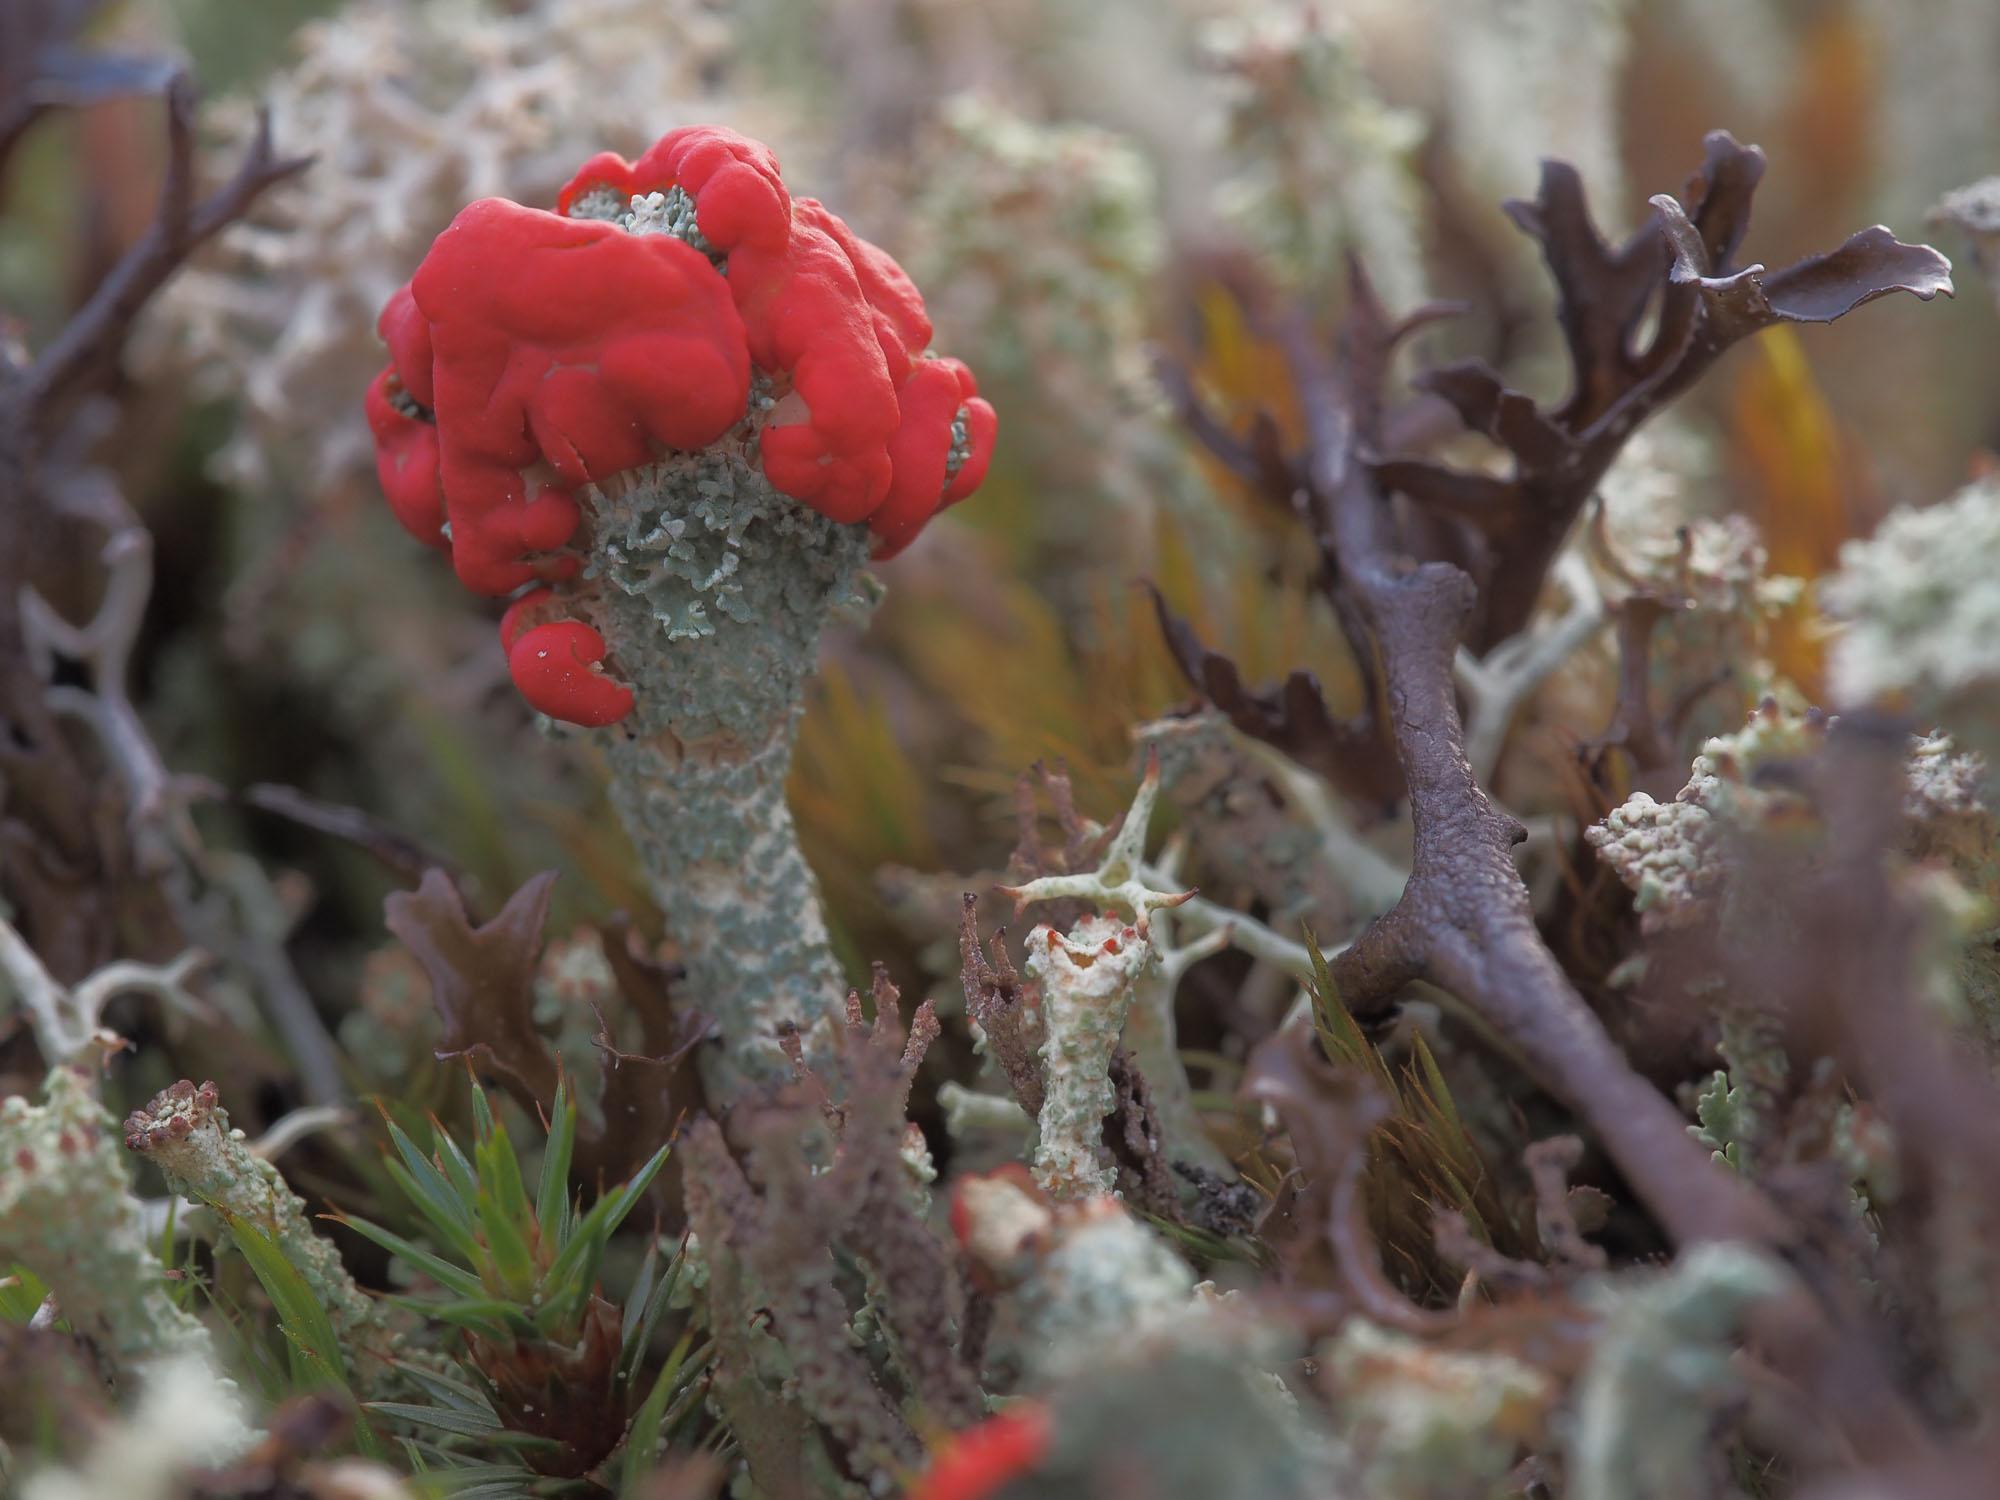 Lav – en forunderlig verden Så lenge jeg kan huske, har jeg vært betatt av lav. Særlig fine syntes jeg at begerlav var, spesielt de med rød kant. Lav er en dobbeltorganisme av alger og sopp som lever i symbiose. Soppdelen sørger for vann og næringsstoffer, mens algene som inneholder klorofyll kan utnytte lysenergien til å bygge opp stoffer av karbondioksyd. Biologene sorterer vanligvis lav i tre grupper: Skorpelav, bladlav og busklav. I Norge har man hittil identifisert ca. 2000 ulike lavarter. (Fakta fra «Lav» av Hans Riddervold)